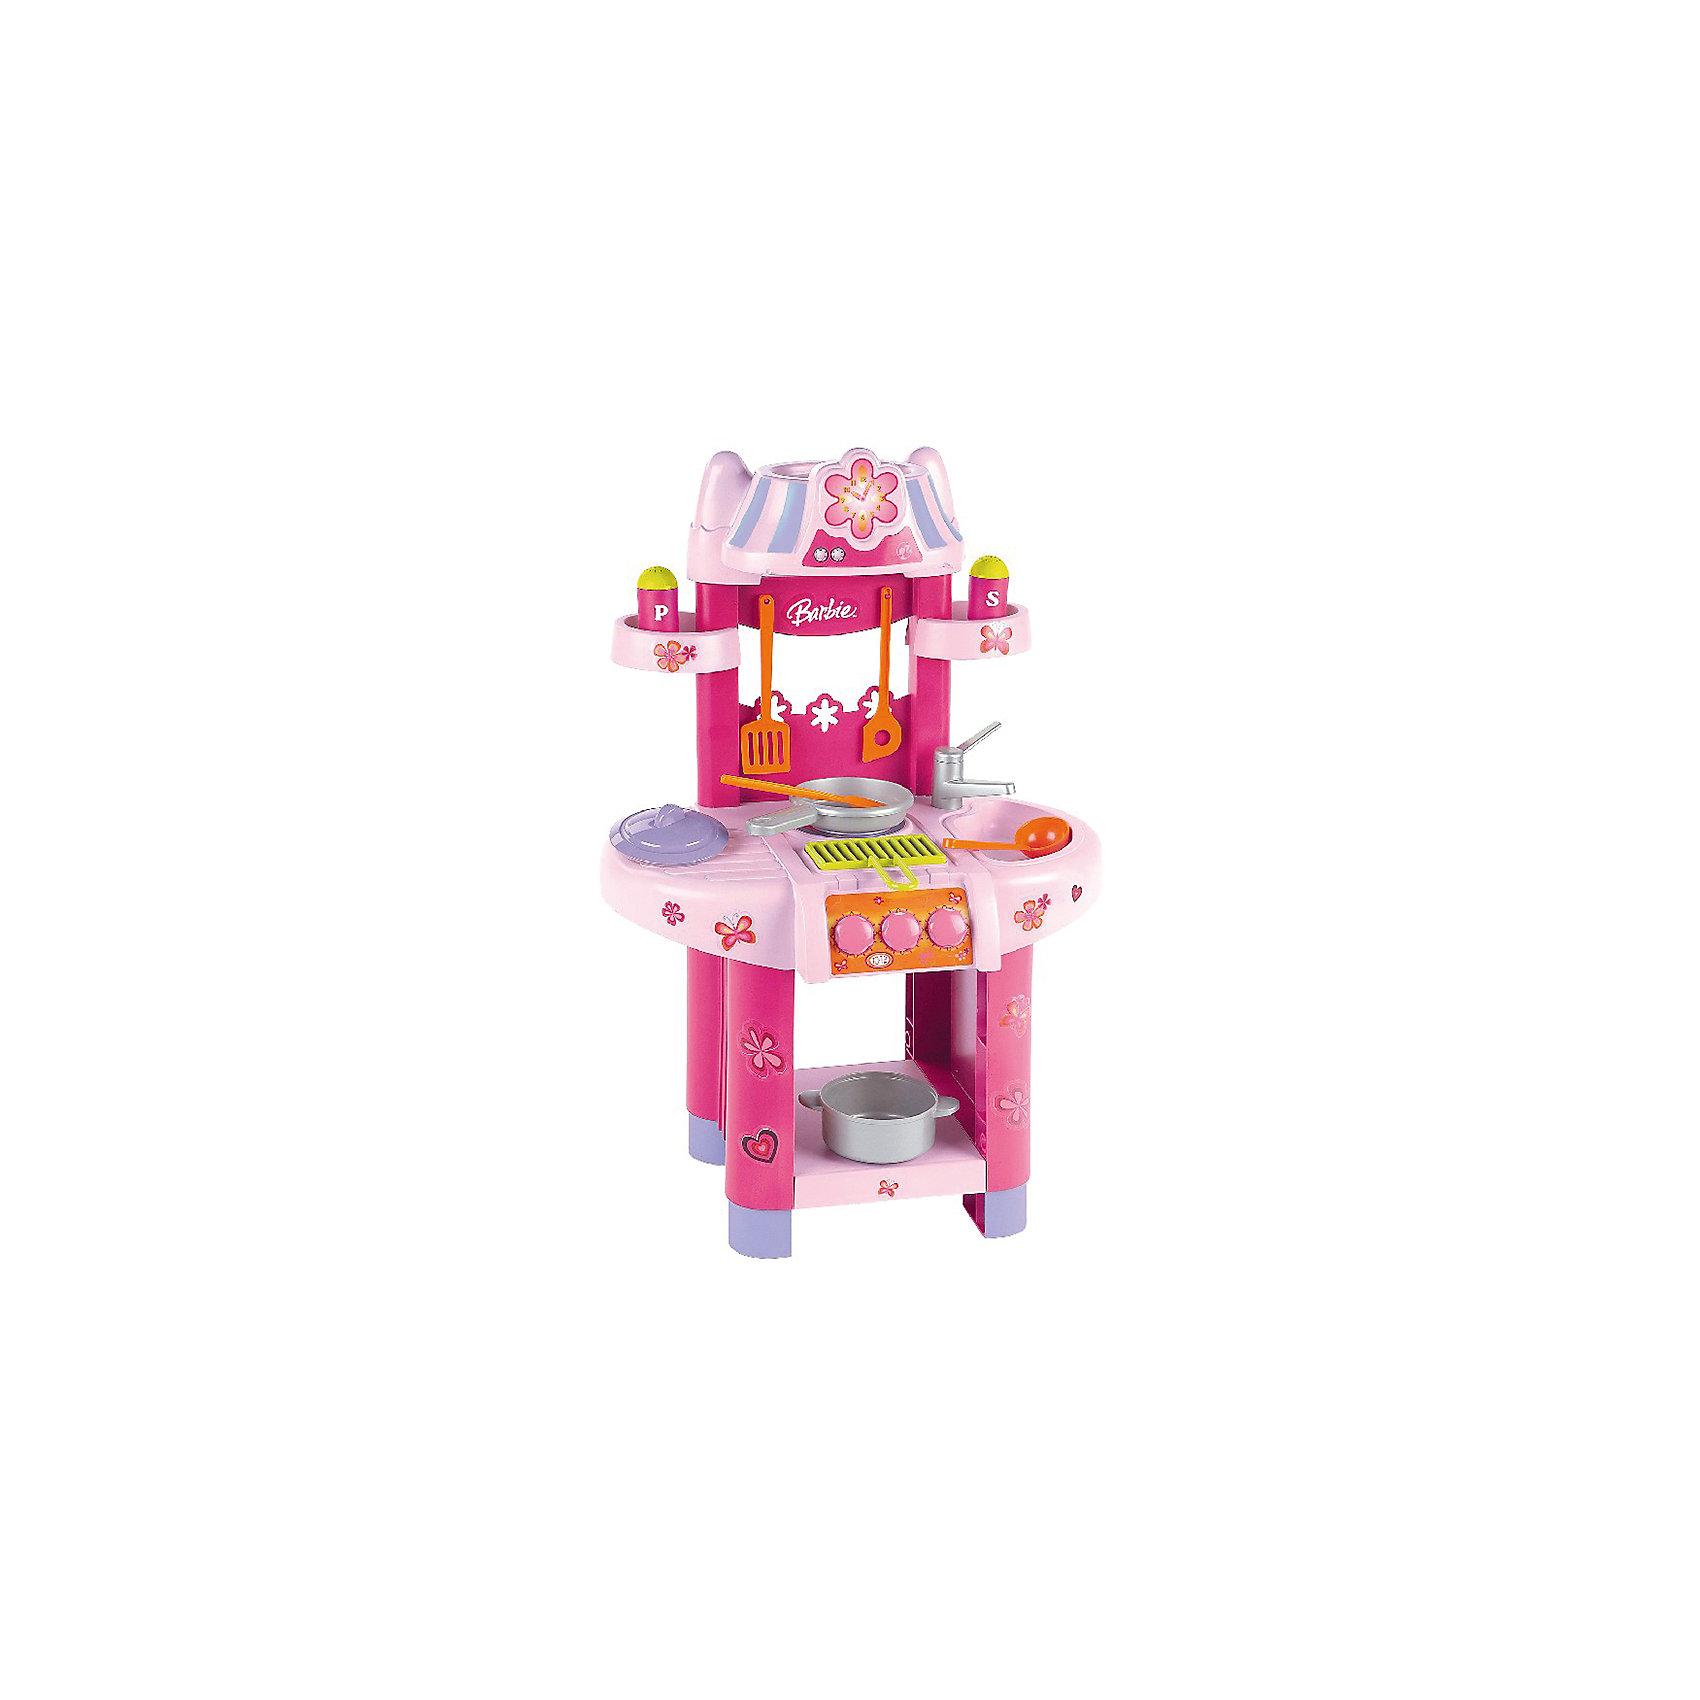 Кухонный центр, BarbieИдеи подарков<br>Кухонный центр от бренда Barbie понравится не только любительницам этих кукол. В наборе есть всё необходимое, чтобы готовить куклам вкусные блюда - плита с грилем, предметы посуды и емкости со специями, полочки для кухонных принадлежностей и еды, раковина и кран. <br>Набор сделан из качественного пластика, безопасного для детей. Набор яркий, очень красиво смотрится. Он станет отличным подарком девочке!<br><br>Дополнительная информация:<br><br>цвет: разноцветный;<br>материал: пластик;<br>комплектация: плита с грилем, предметы посуды и емкости со специями, полочки для кухонных принадлежностей и еды, раковина и кран;<br>размер: 75,5 х 42 х 30 см.<br><br>Кухонный центр от бренда Barbie можно купить в нашем магазине.<br><br>Ширина мм: 395<br>Глубина мм: 535<br>Высота мм: 230<br>Вес г: 1900<br>Возраст от месяцев: 36<br>Возраст до месяцев: 1164<br>Пол: Женский<br>Возраст: Детский<br>SKU: 1813191